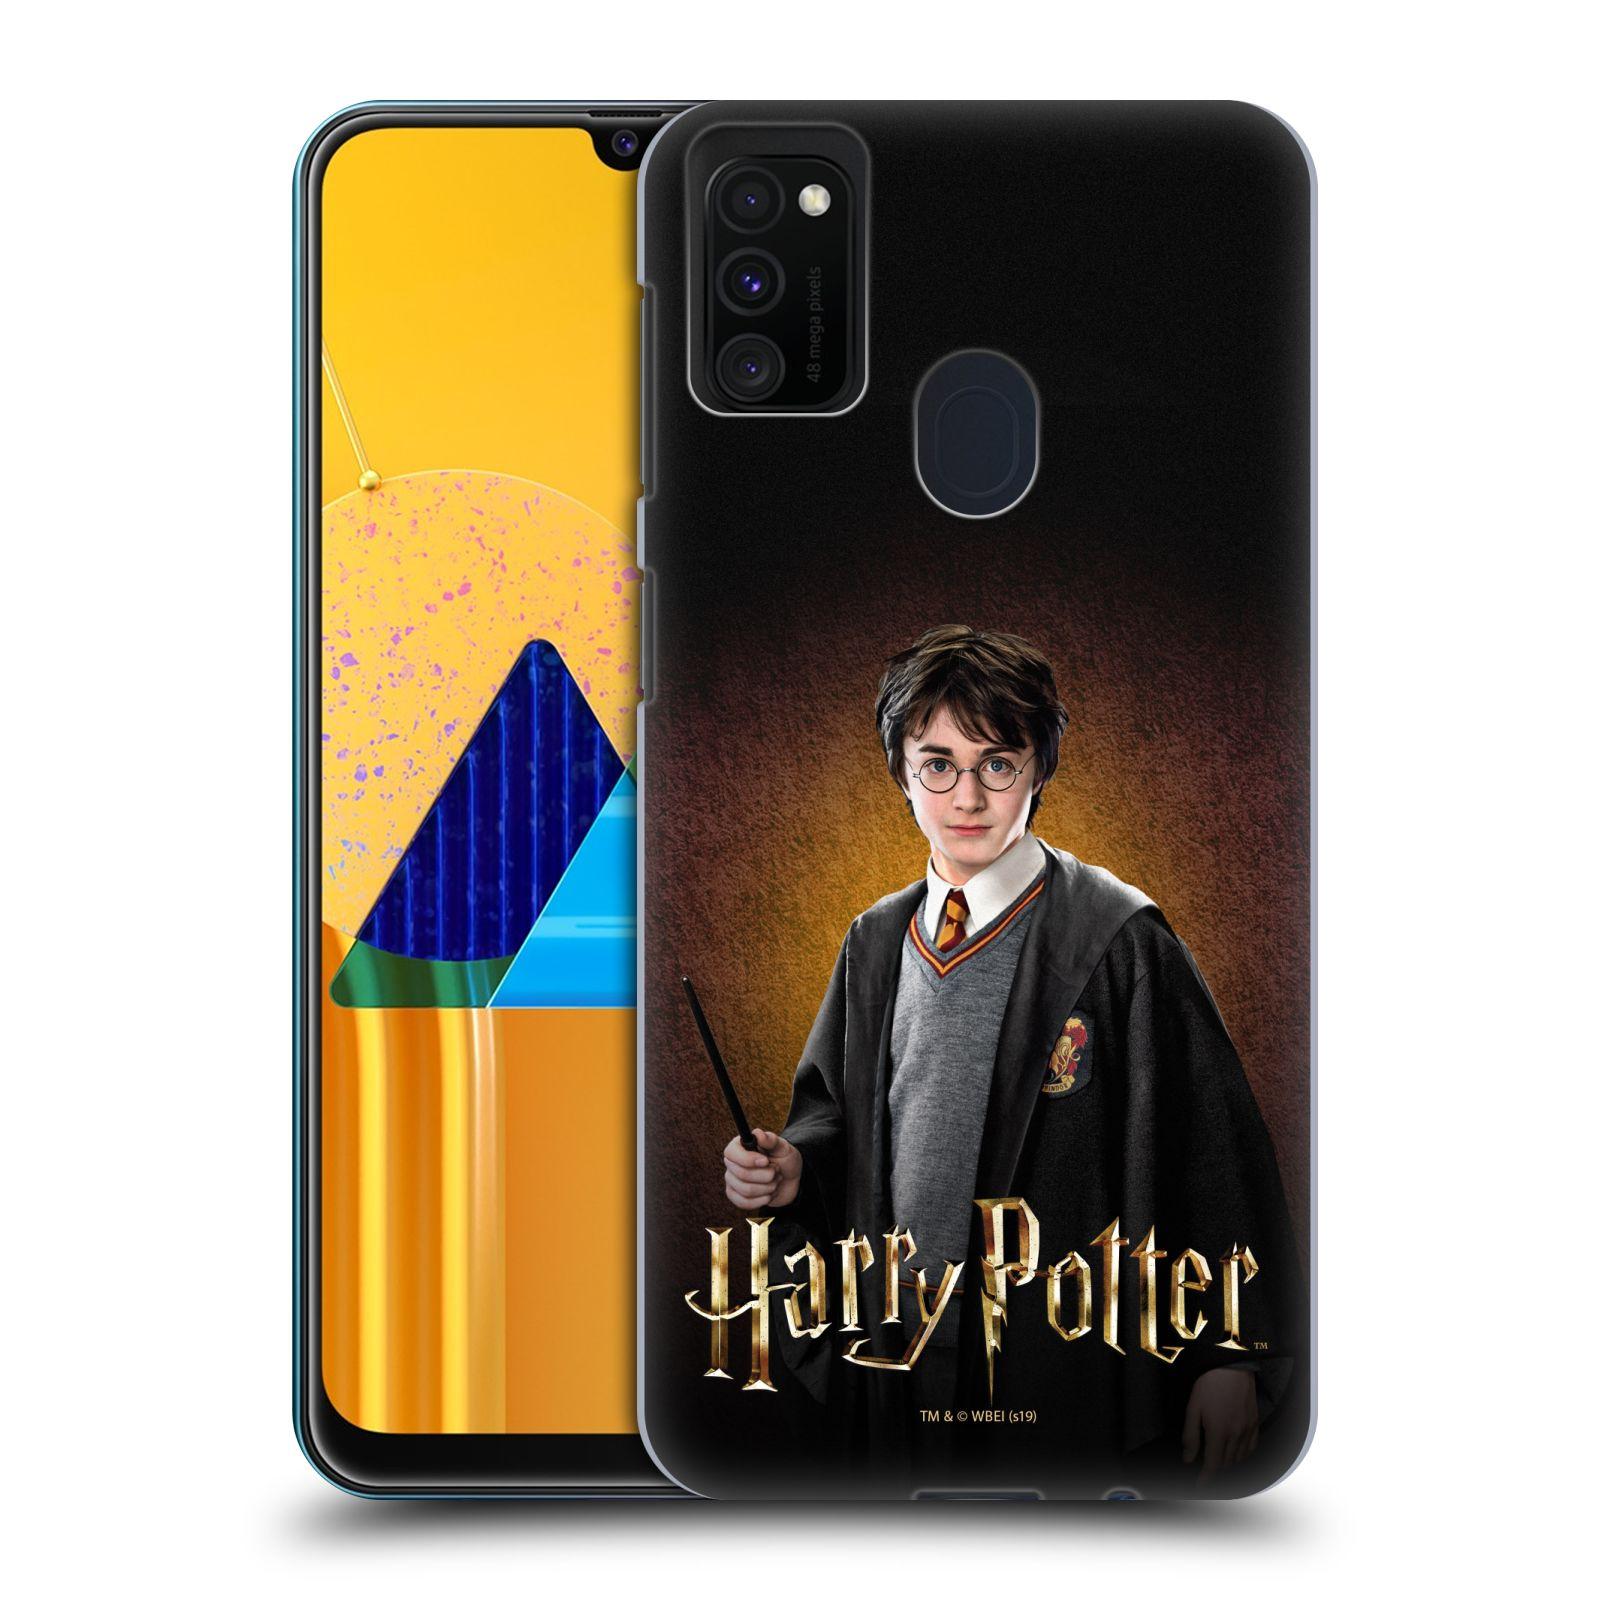 Plastové pouzdro na mobil Samsung Galaxy M21 - Harry Potter - Malý Harry Potter